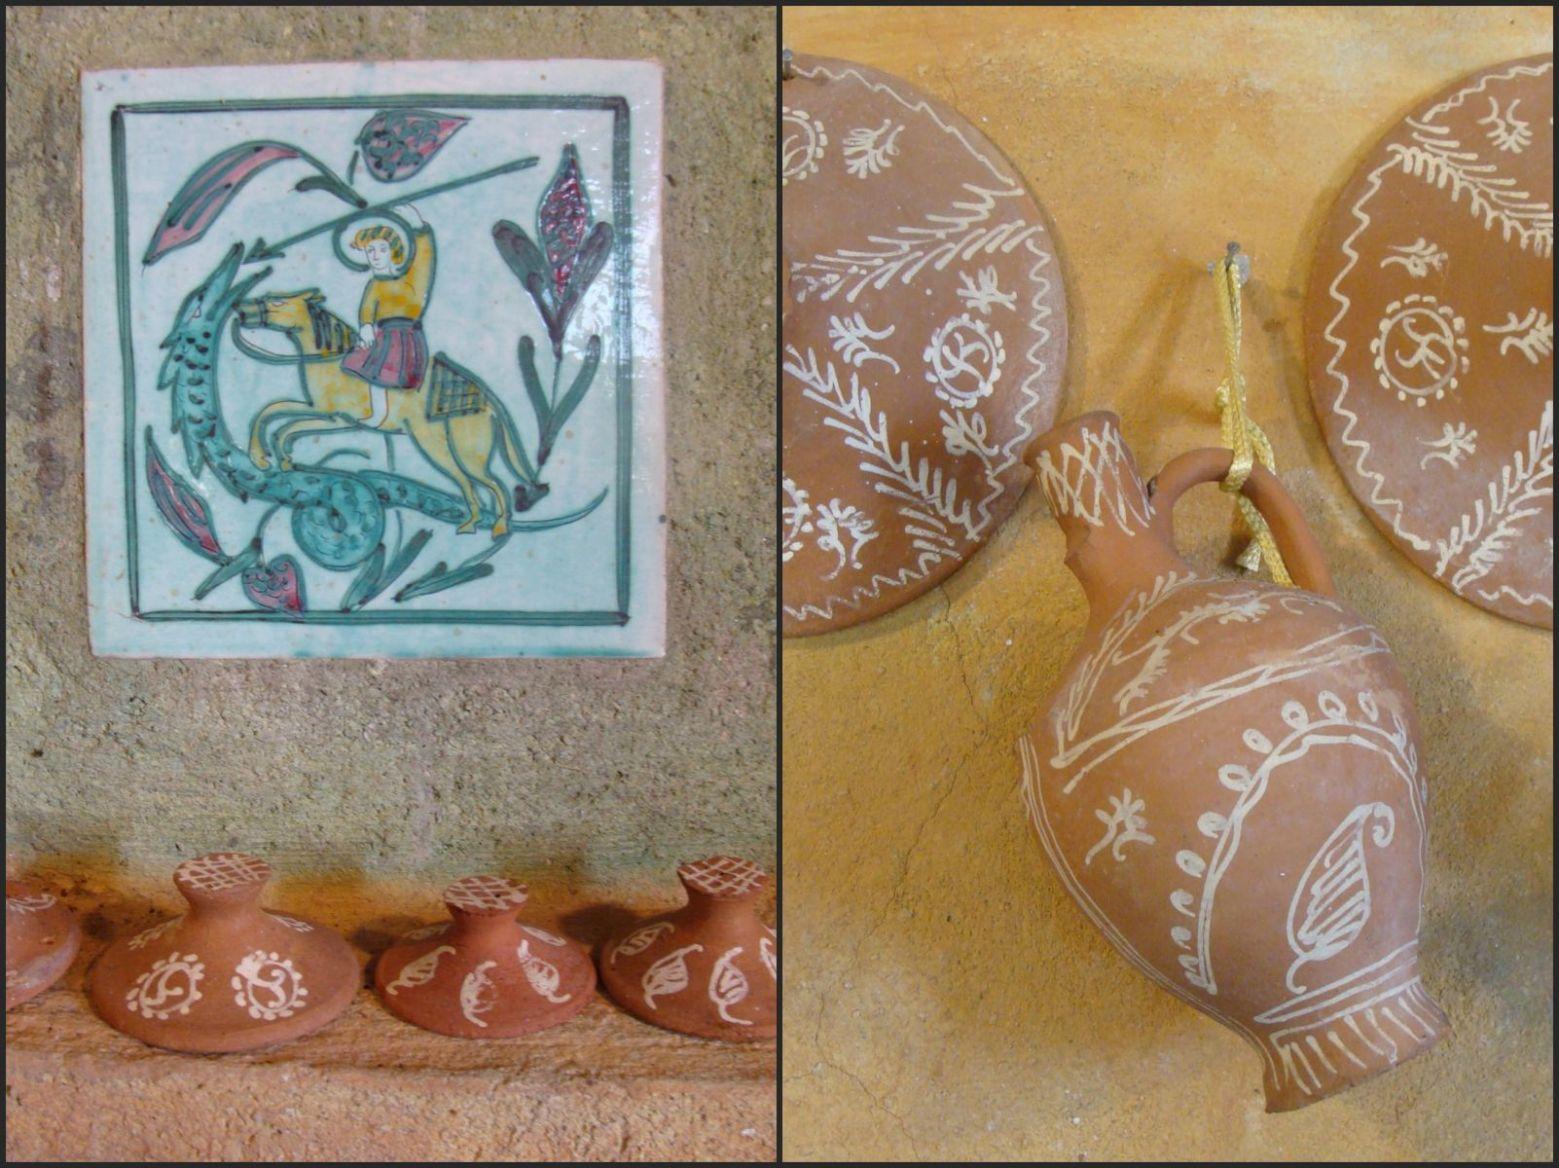 keramika.thumb.jpg.ffb8fbfa1d8d337cf07e9